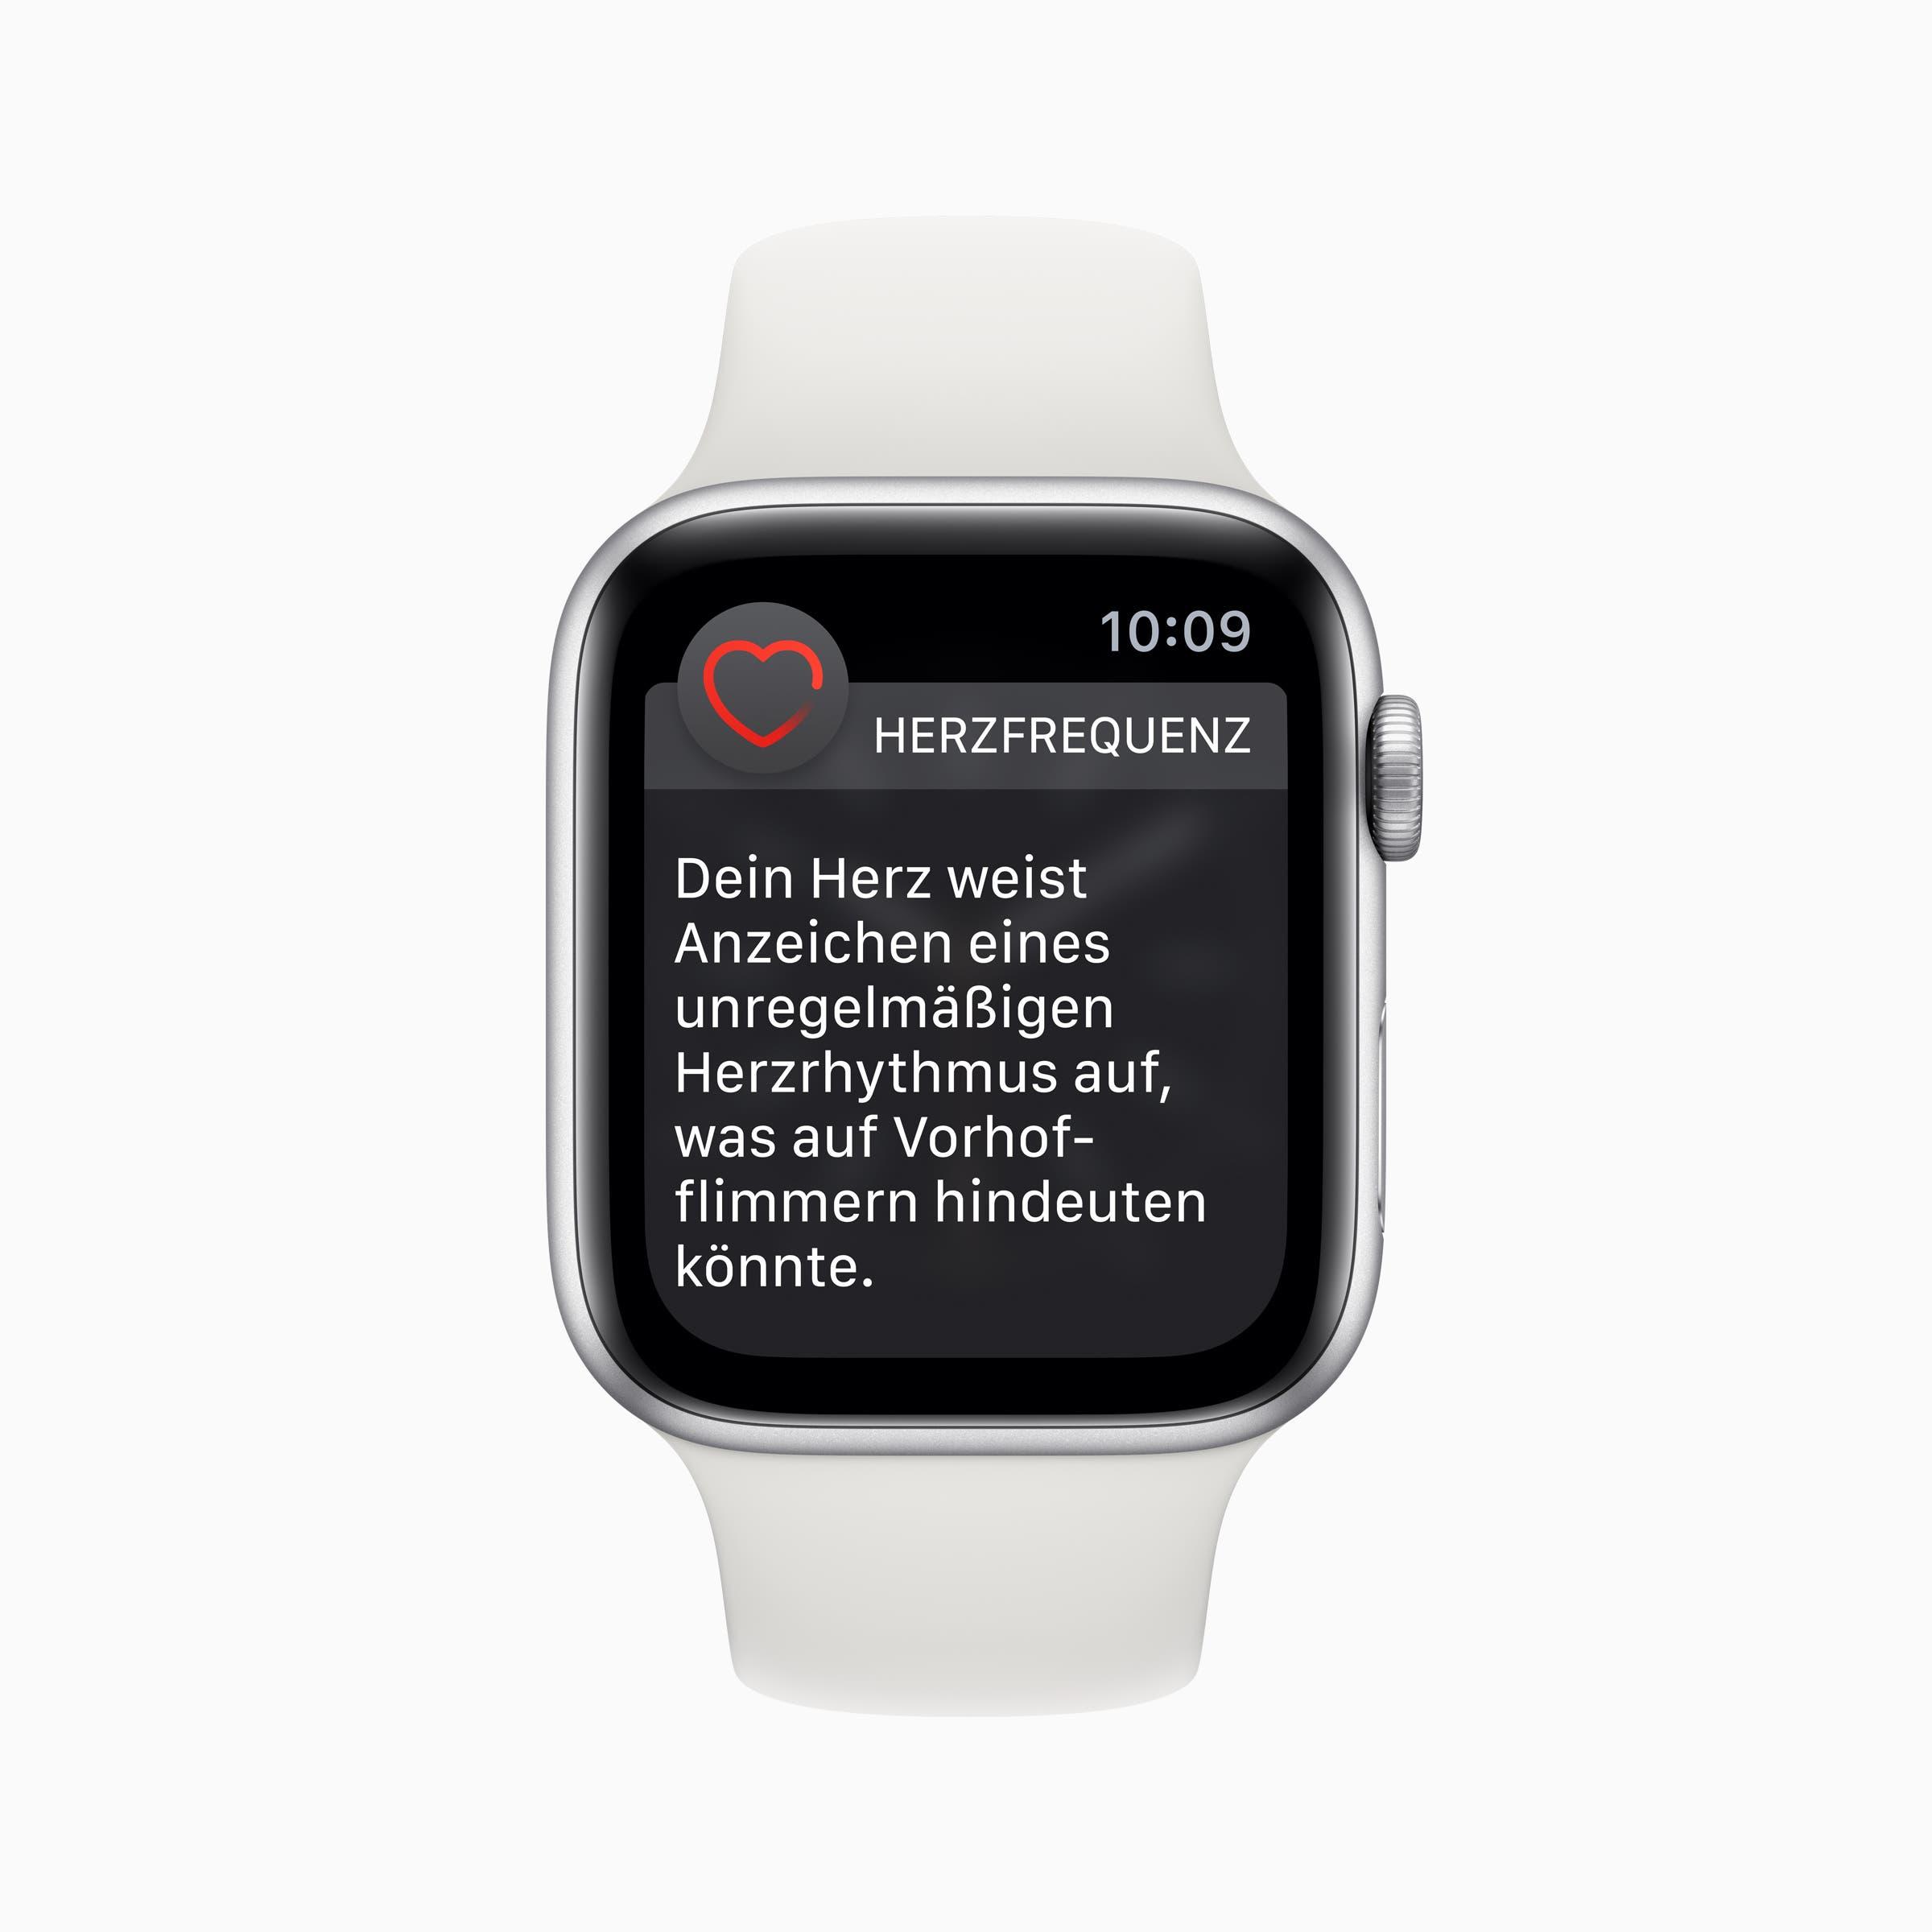 Appel Watch 4 mit watchOS 5.2